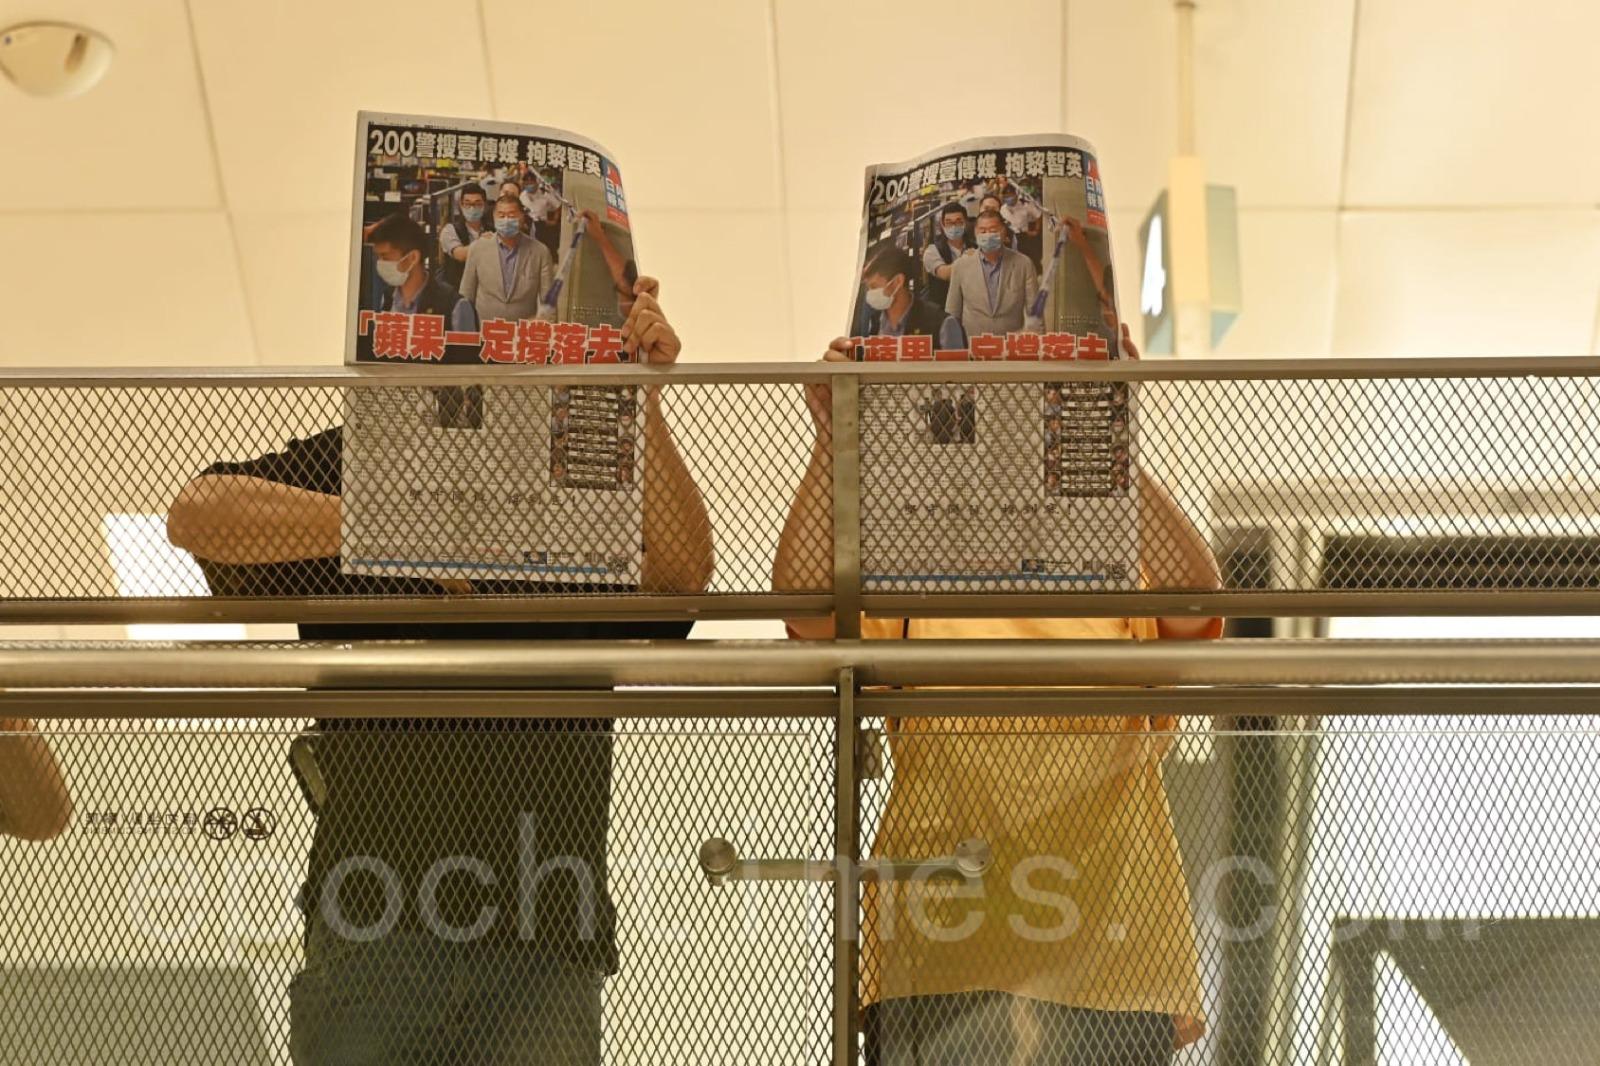 沙田新城市廣場,有市民手持《蘋果日報》抗議政府打壓新聞自由及言論自由。(宋碧龍/大紀元)